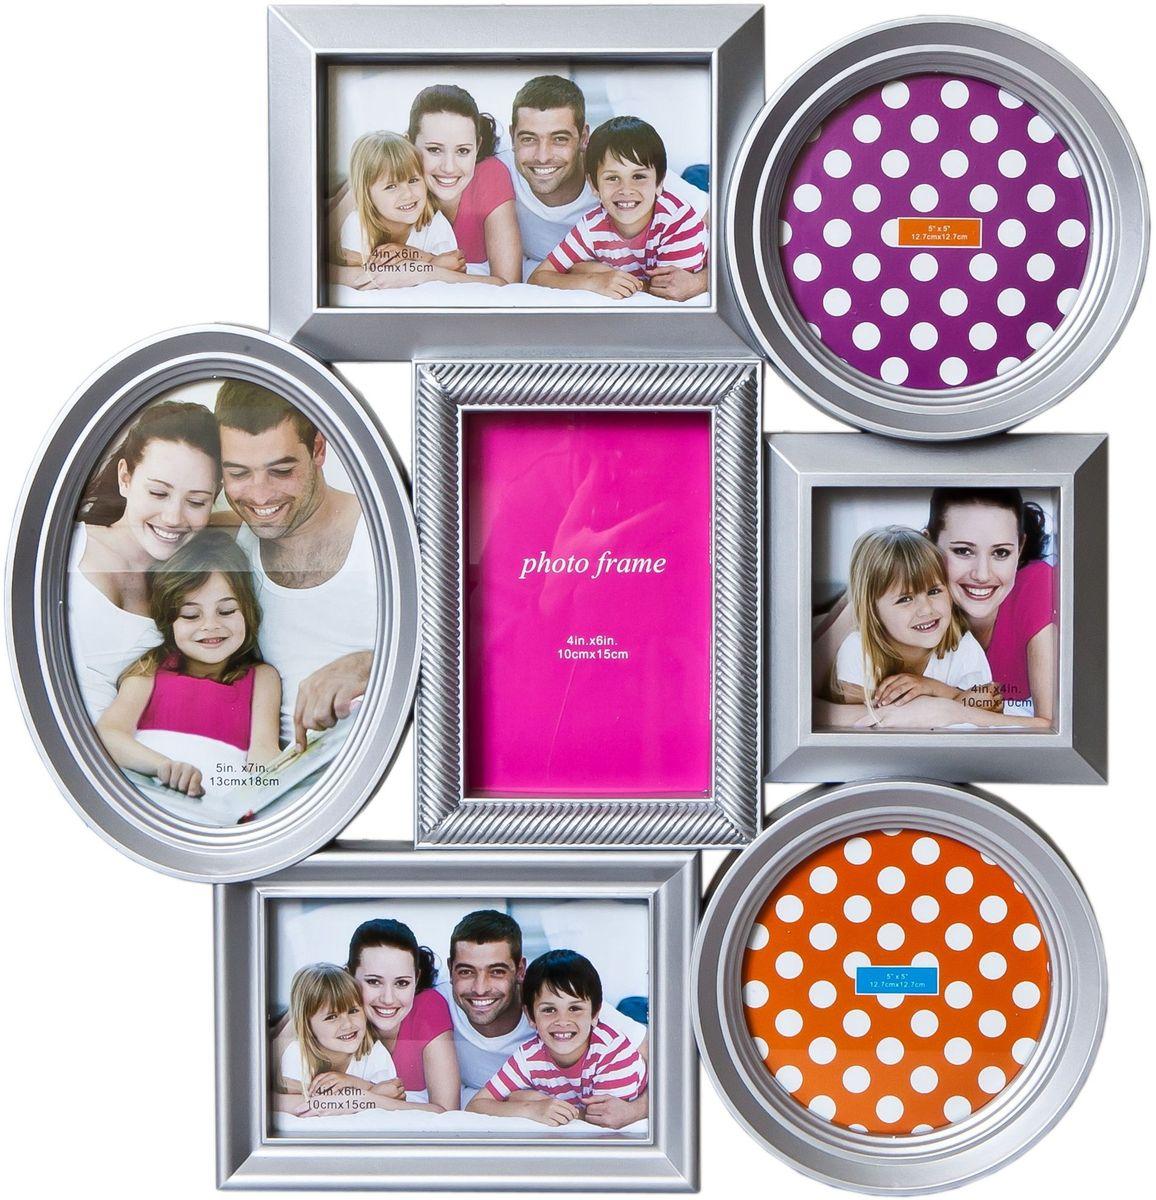 Коллаж Platinum, цвет: серебристый, 7 фоторамок. BH-1307PLATINUM BH-1307-Silver-СеребряныйПластиковый коллаж с фото следующих размеров: 13х18 см, 3 фото 10х15 см,2 фото 12.7х12.7 см,10х10 см.